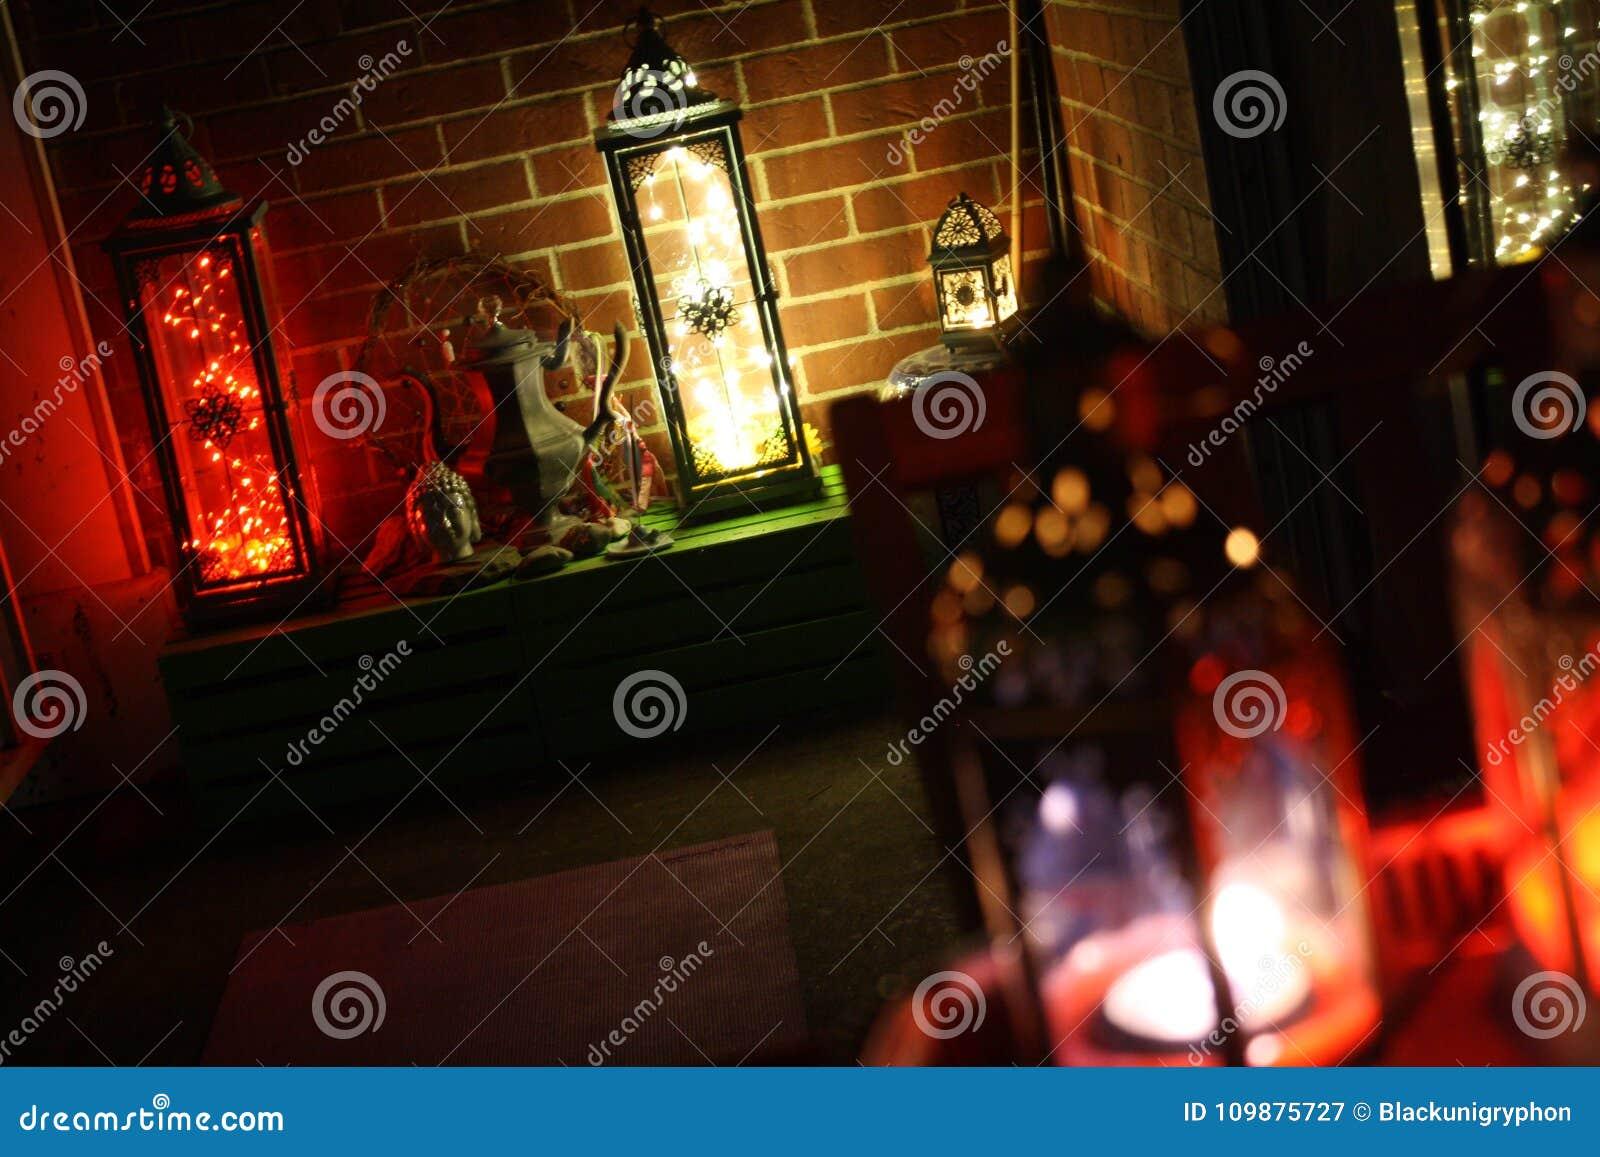 Boho wystroju lampionu n świateł Nastrojowy DOWODZONY hol